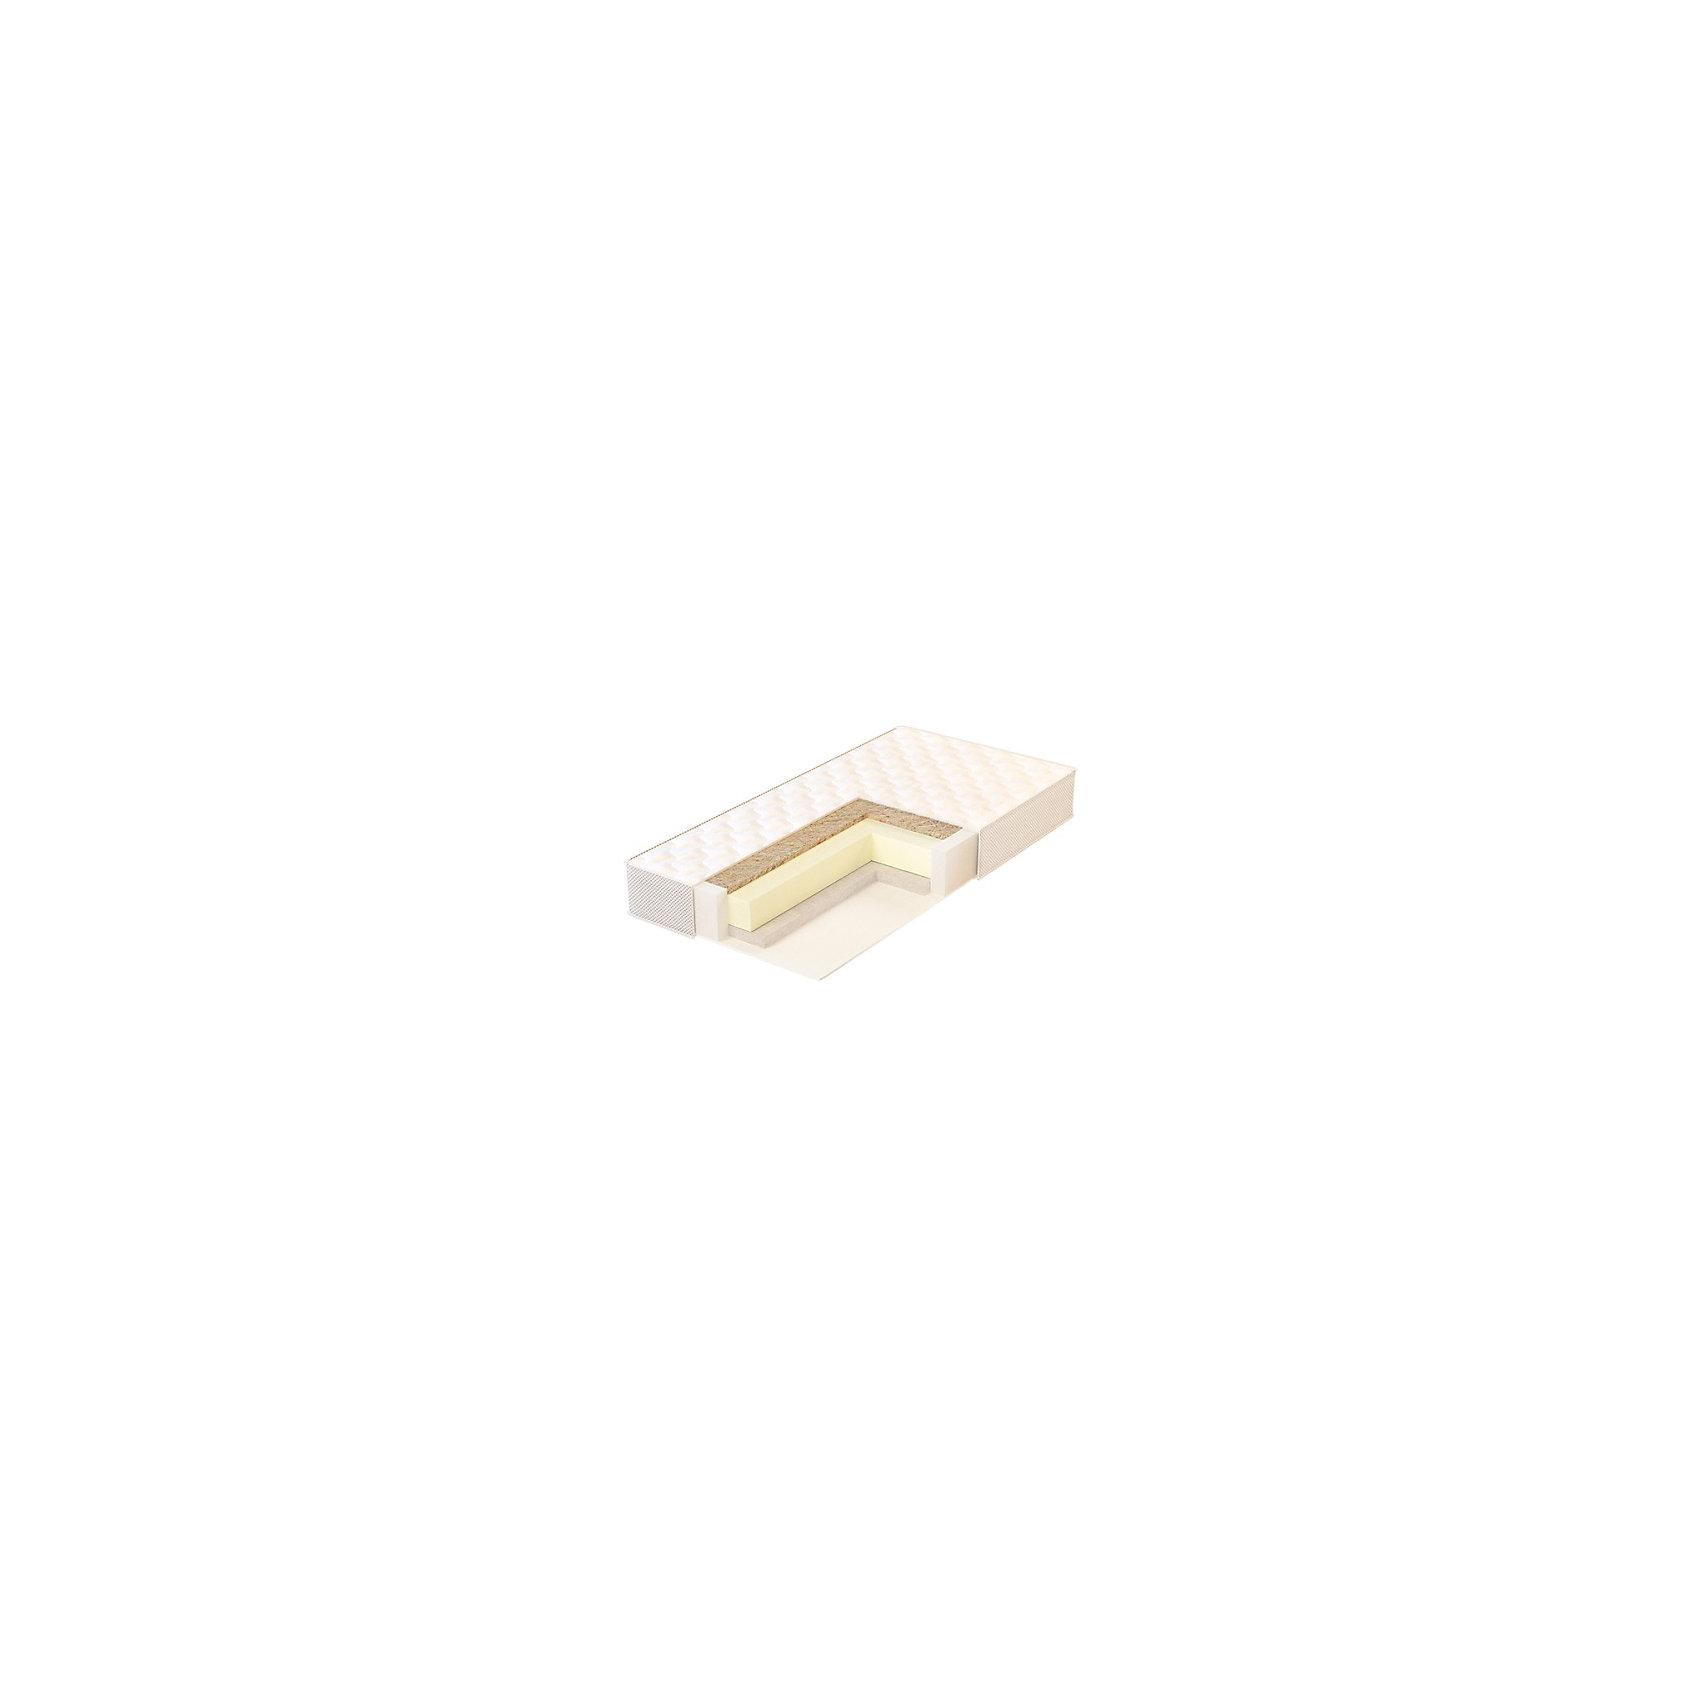 Матрац EcoSleep, Plantex, 1190х600х110 ммEcoSleep, Plintex – детский матрас, изготовленный из экологически чистых материалов, имеющий двухстороннюю жесткость.  Более жесткая сторона с настилом из сизаля, имеет ортопедические свойства, устойчива к влажности. Мягкая сторона с настилом из материала Hollcon-Шерсть поможет сохранить сухость и тепло за счет впитывания влаги. Чехол матраса выполнен из высококачественных тканей, позволяющих «дышать» внутренним наполнителям. Матрас упругий, гипоаллергеный и способен обеспечить вашему ребенку комфортный и здоровый сон.<br><br>Особенности и преимущества:<br>-две стороны матраса с разной жесткостью<br>-гипоаллергенный, долговечный материал,<br>-матрас можно использовать с рождения<br>-позволяет сформировать правильную осанку у малыша<br><br>Материалы:  тик, сизаль, airoflex, hollcon-шерсть<br>Размеры: 11x60x119<br>Вес: 3 кг<br> Приобрести матрас EcoSleep можно в нашем интернет-магазине.<br><br>Ширина мм: 1190<br>Глубина мм: 600<br>Высота мм: 110<br>Вес г: 3000<br>Возраст от месяцев: 0<br>Возраст до месяцев: 36<br>Пол: Унисекс<br>Возраст: Детский<br>SKU: 4905316